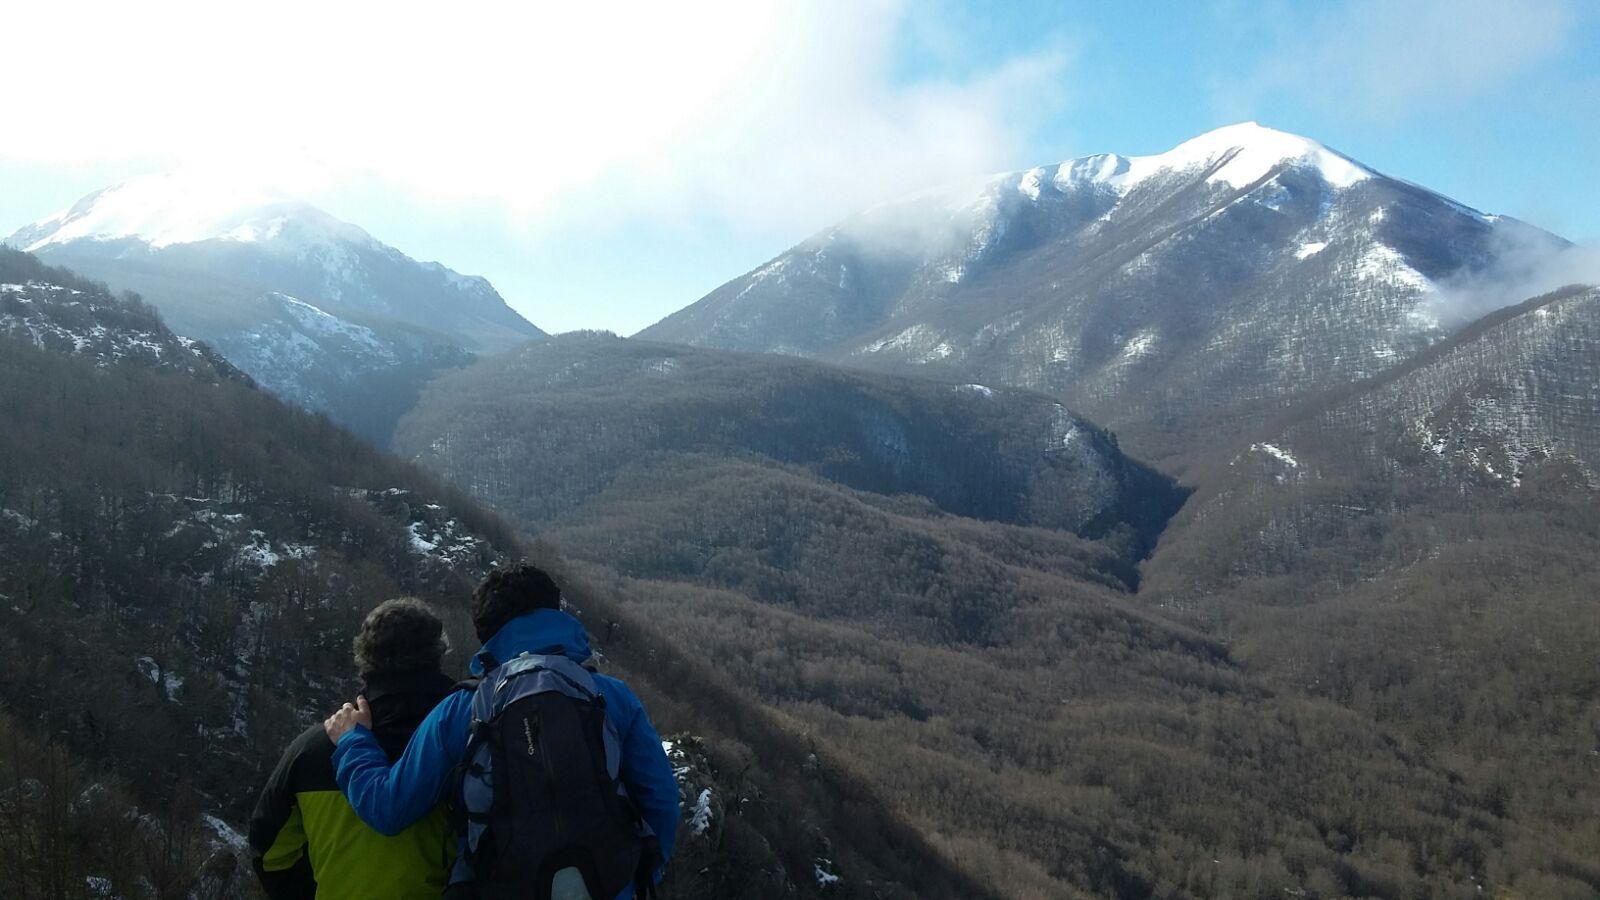 Guida Escursionistica Matera, Basilicata e Puglia. Per info e prenotazioni contattami al 3297917056.